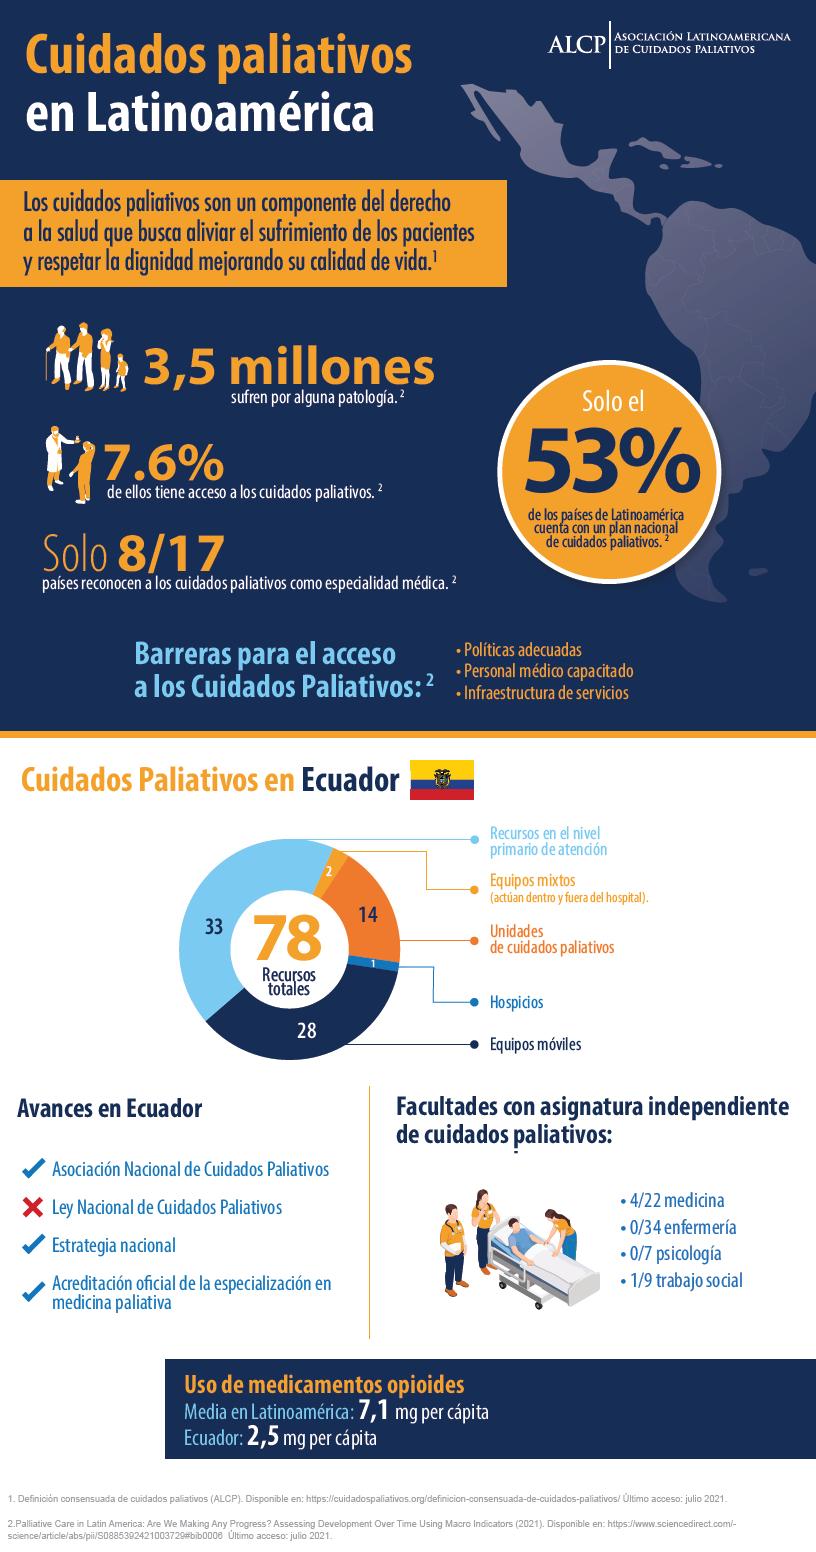 Avances de los Cuidados Paliativos en el Ecuador. Fuente: Atlas.